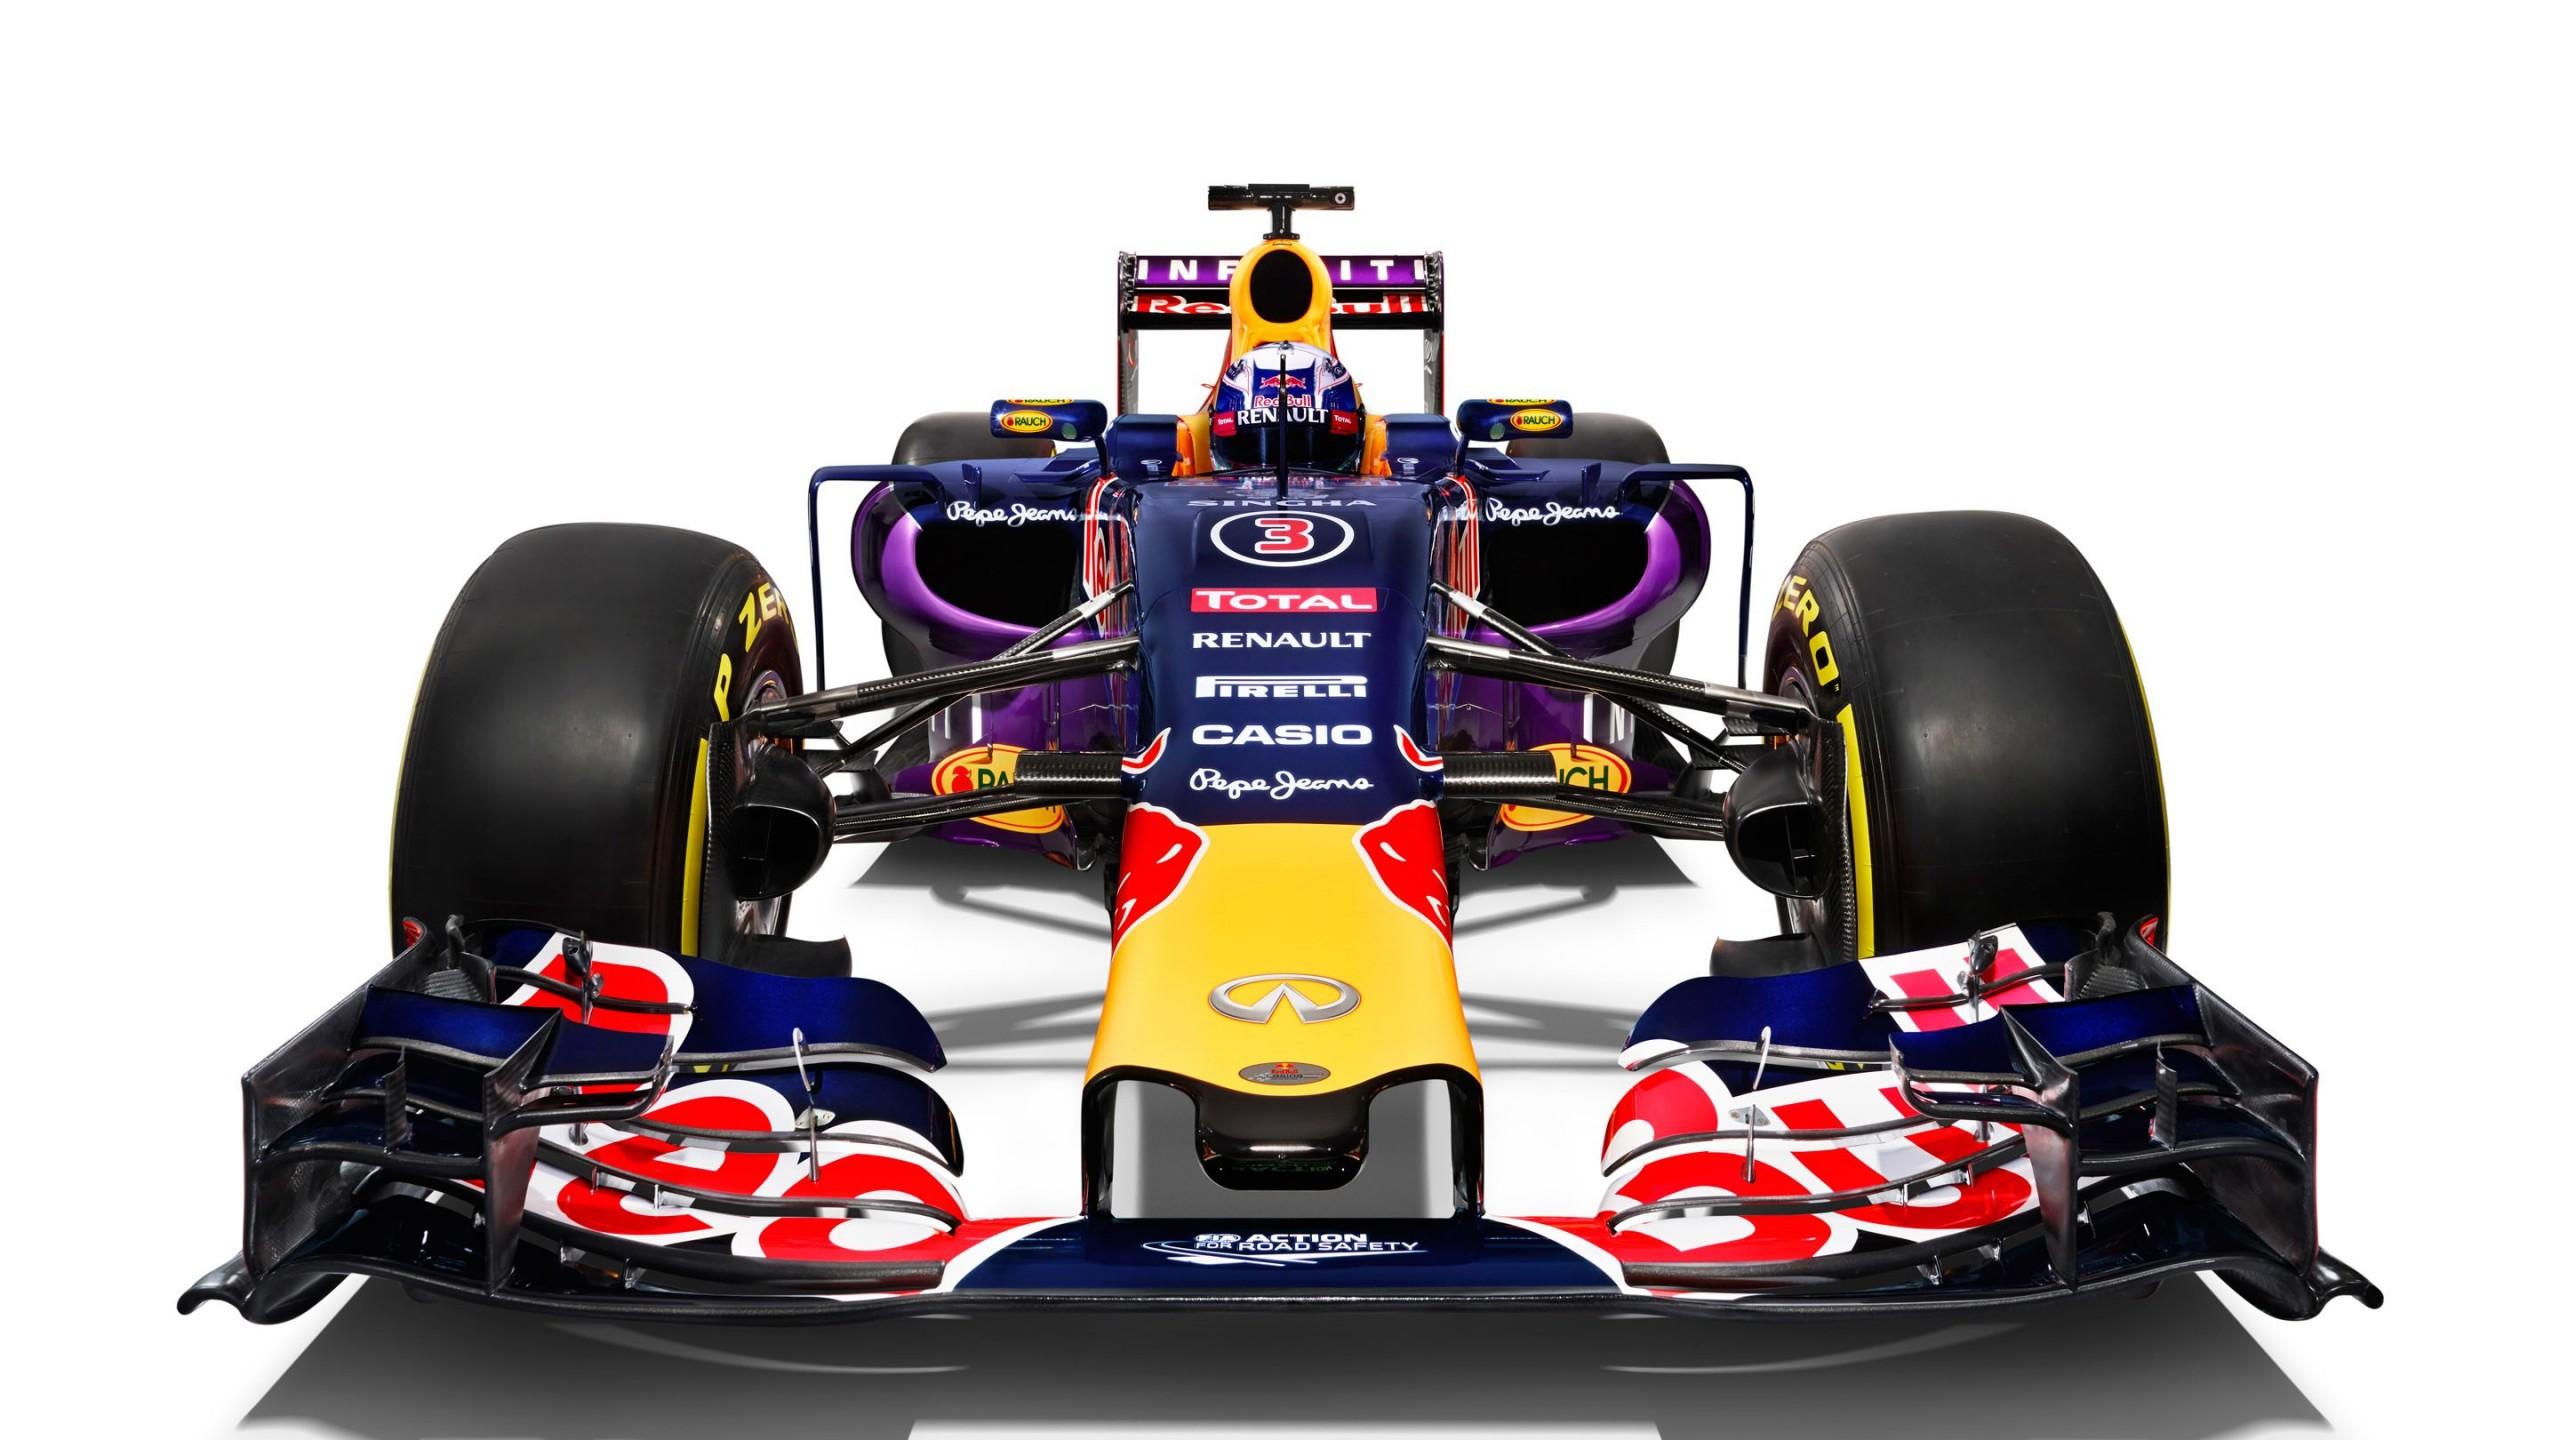 Download Infiniti Red Bull Racing RB11 2015 Formula 1 Car HD wallpaper ... Red Bull Wallpaper